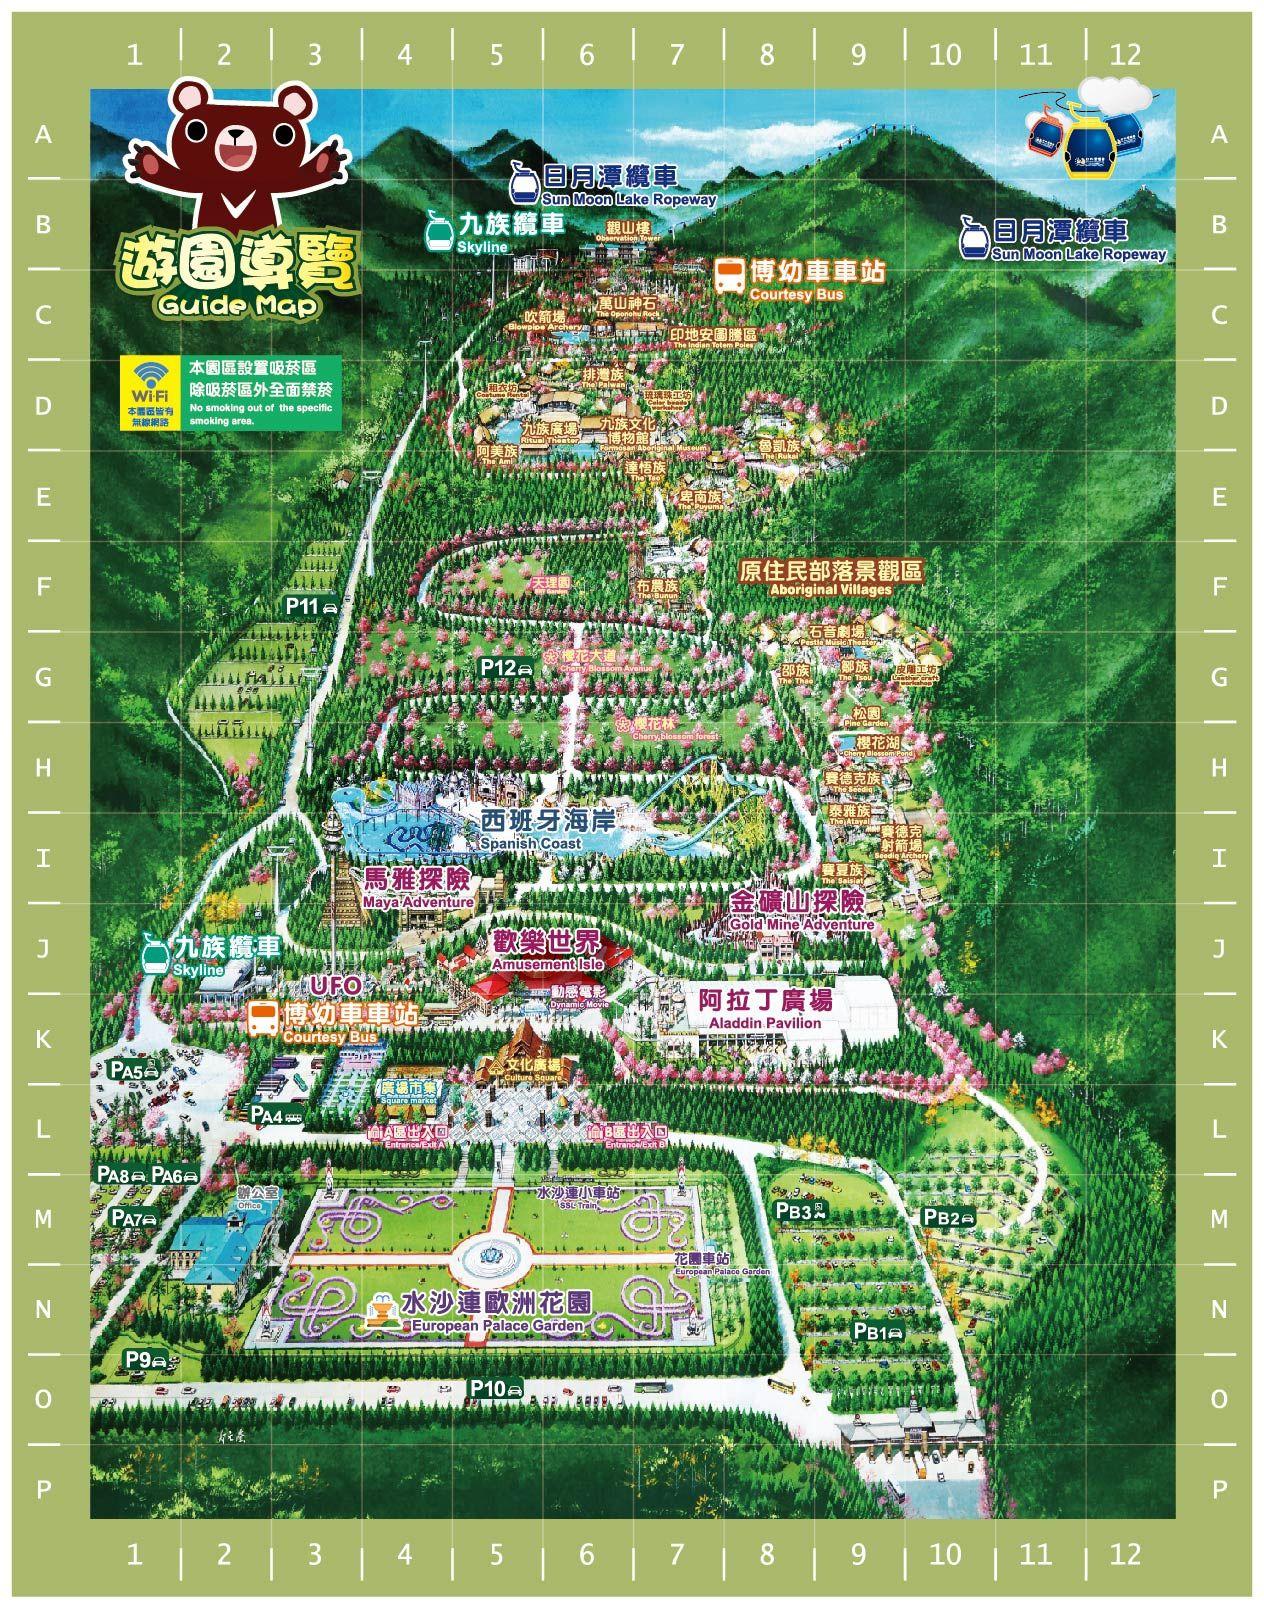 九族文化村 園區導覽地圖